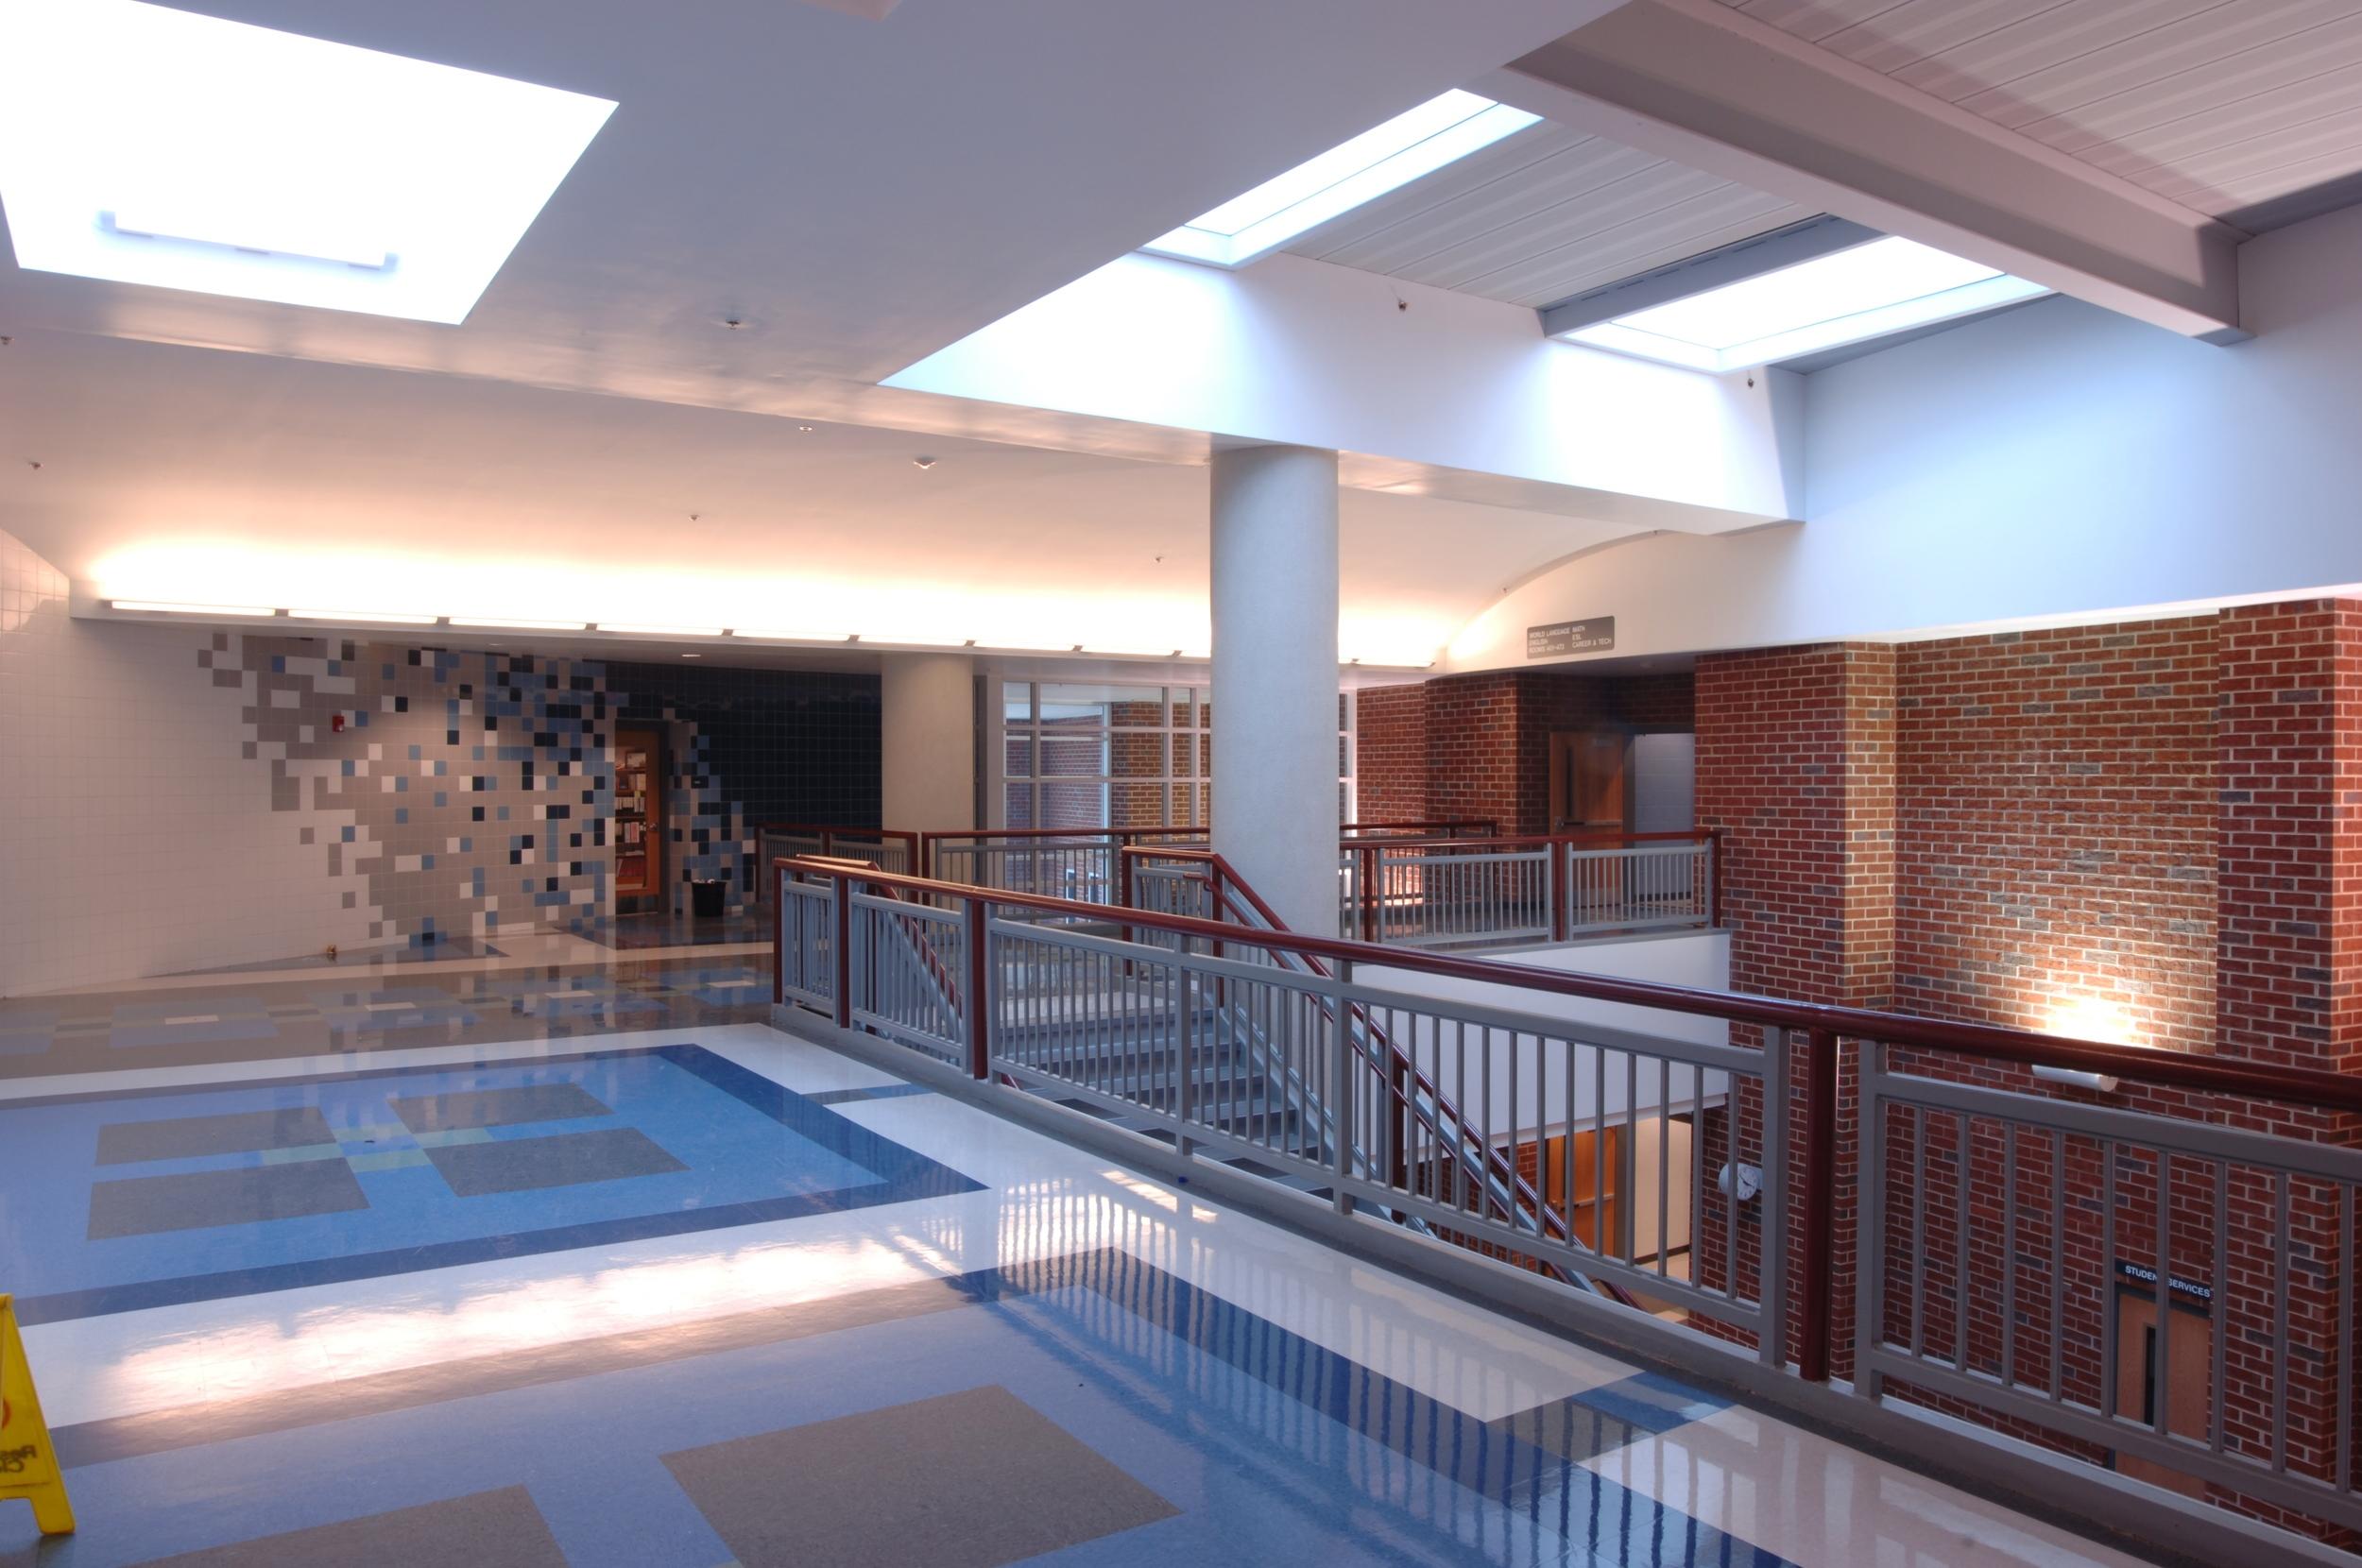 Harrisonburg High School Interior